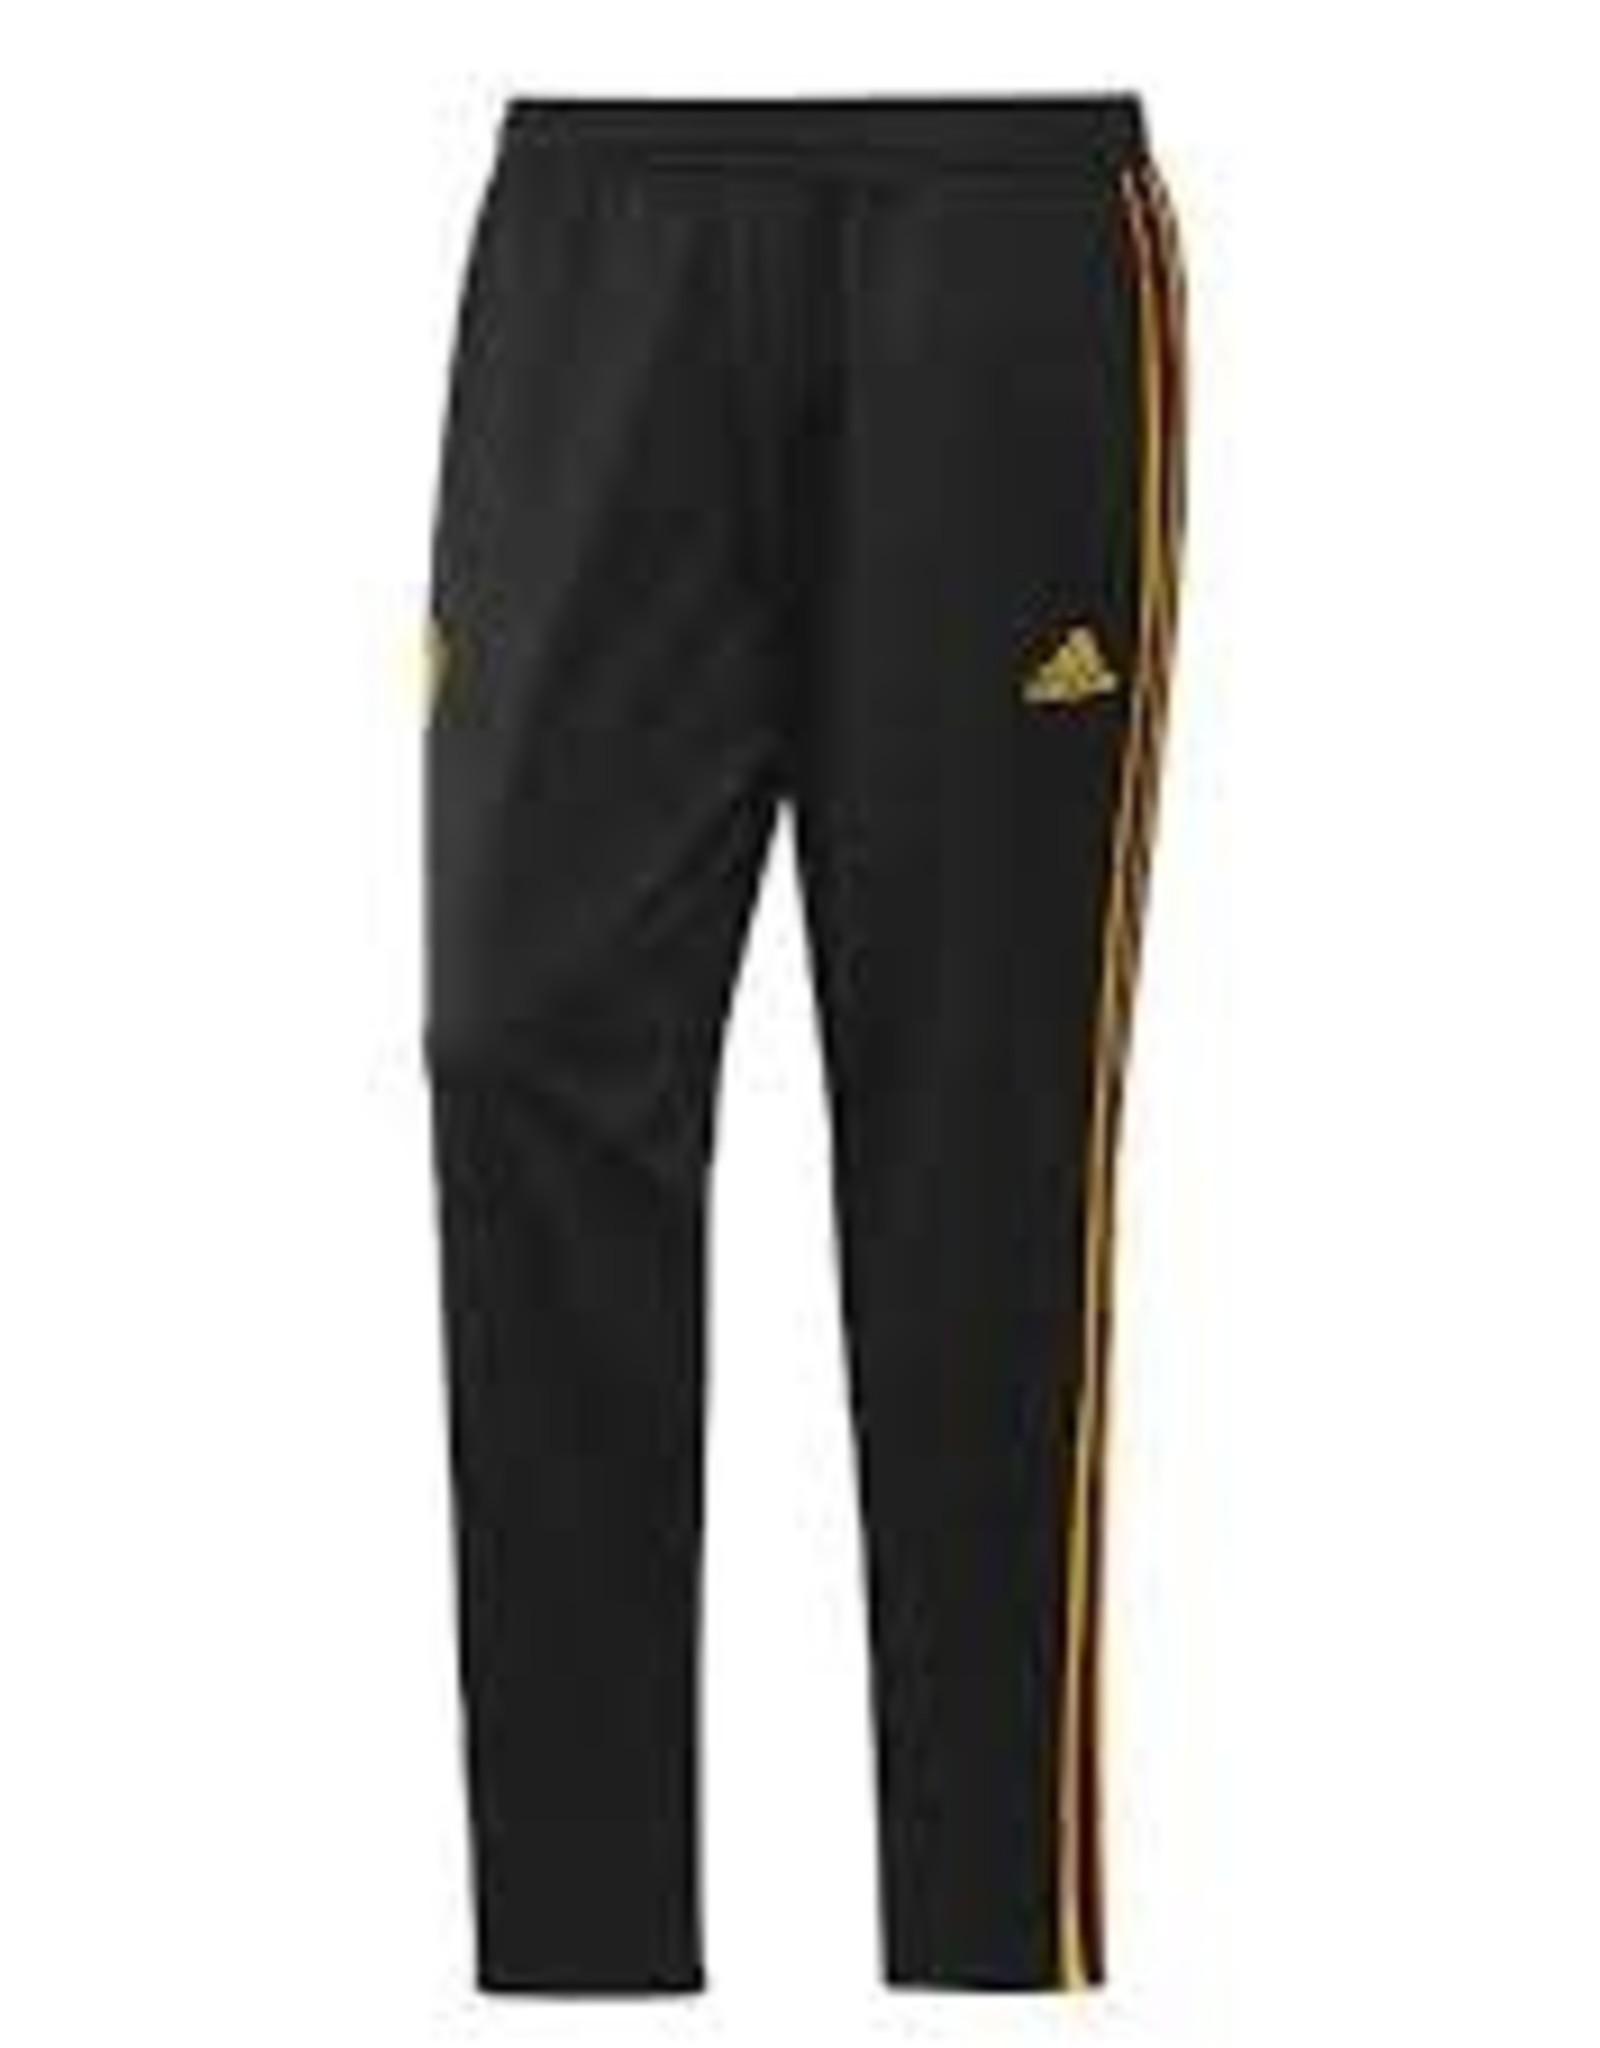 Adidas broek belgïe